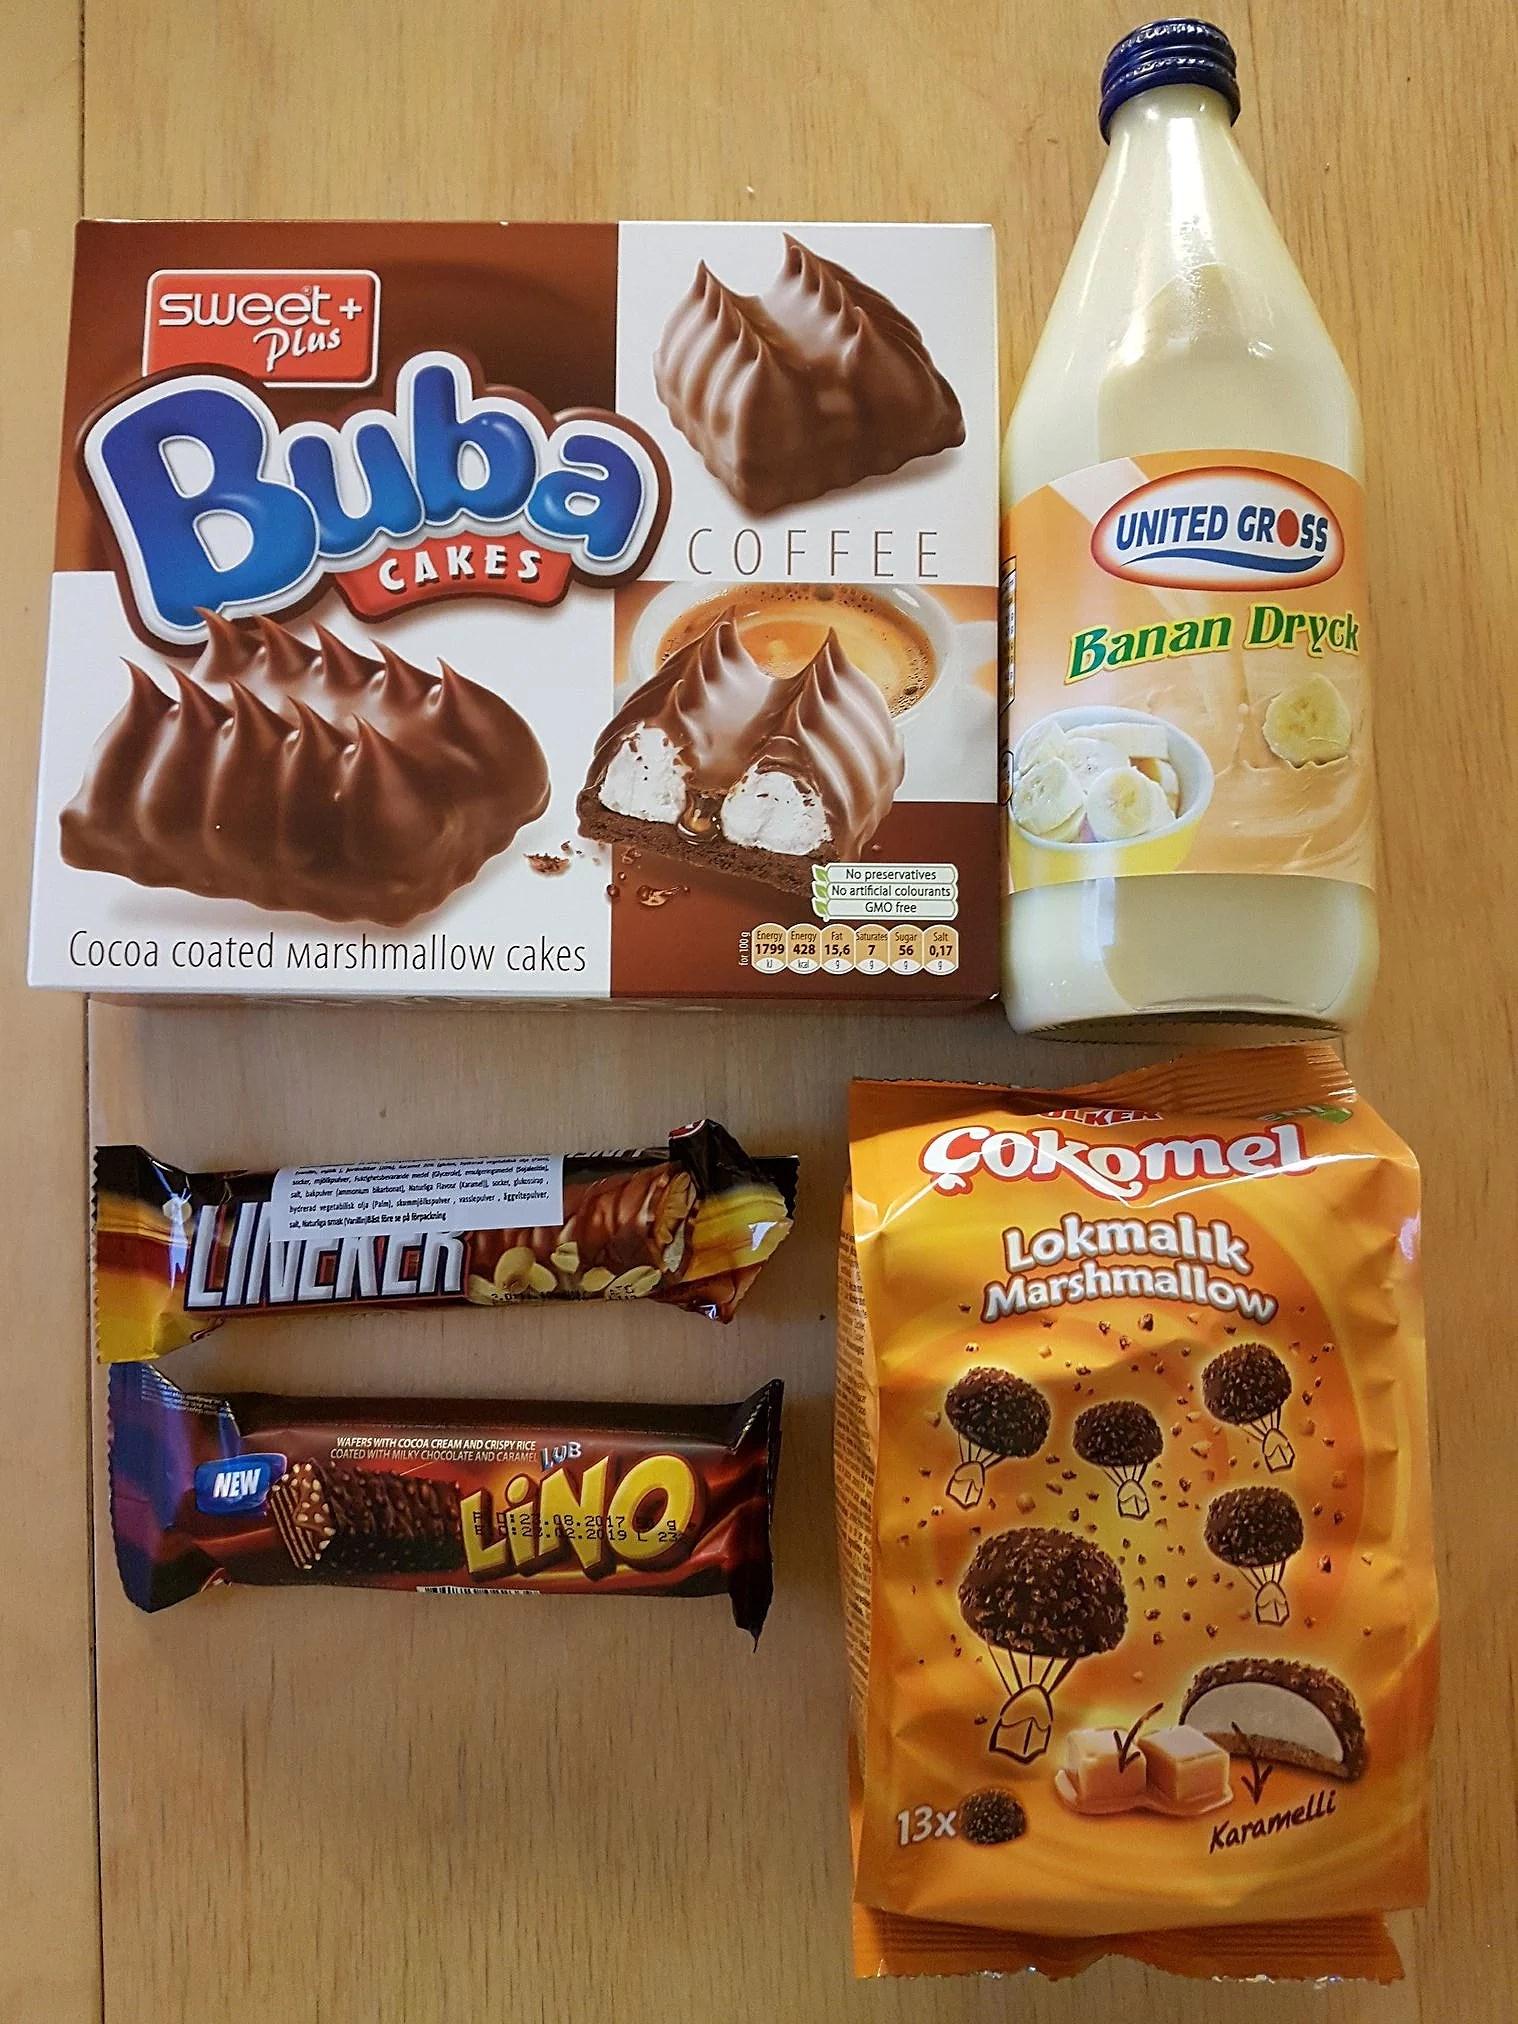 Svensk godis är faktiskt så mycket godare!